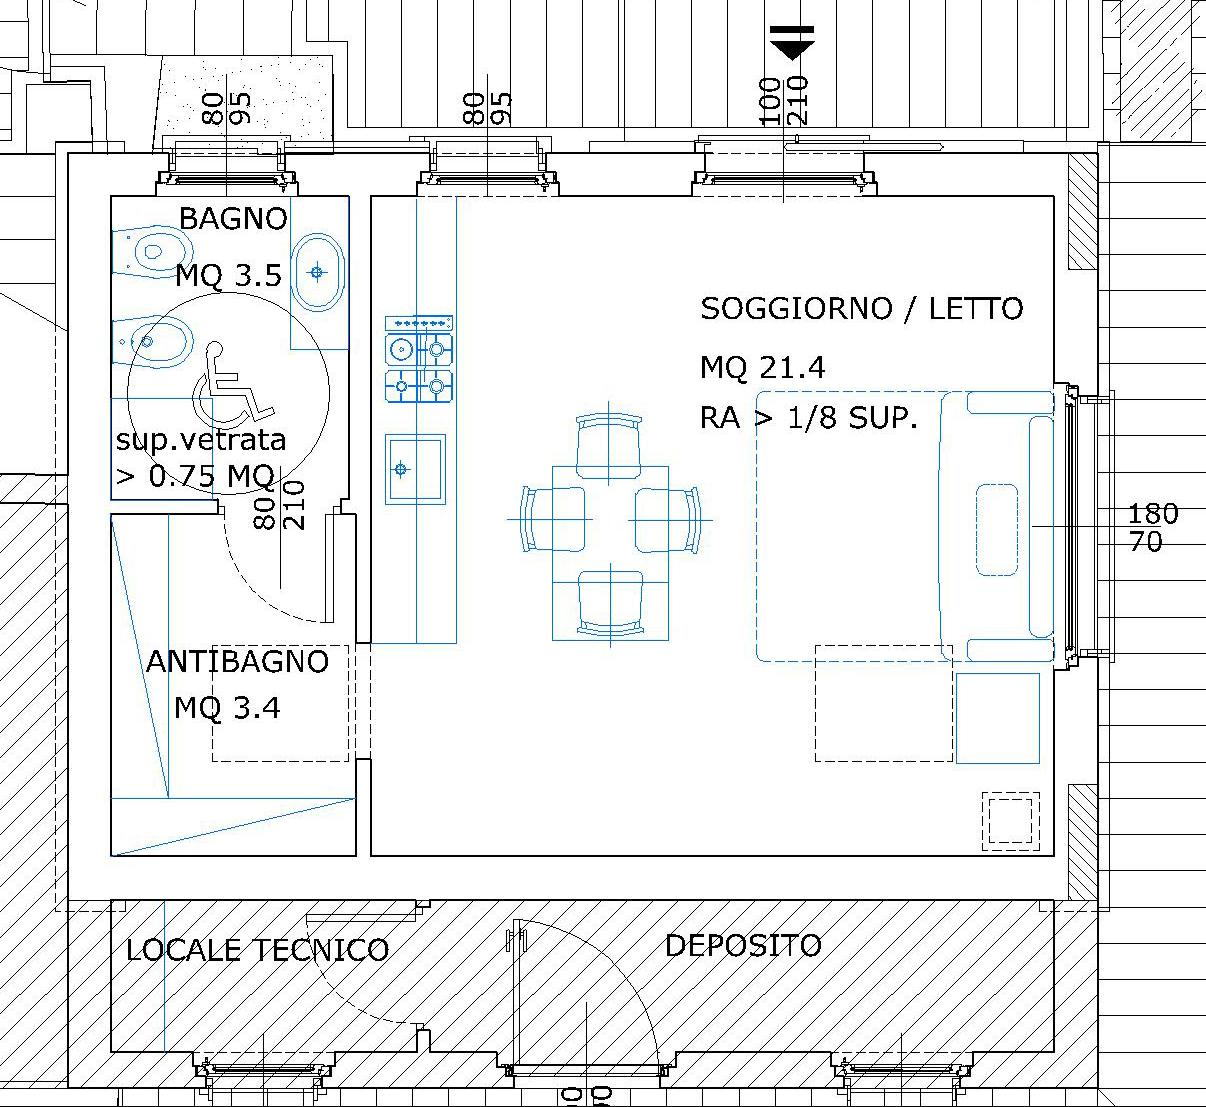 Wc dimensioni minime cheap free bagni per disabili - Metratura minima bagno ...